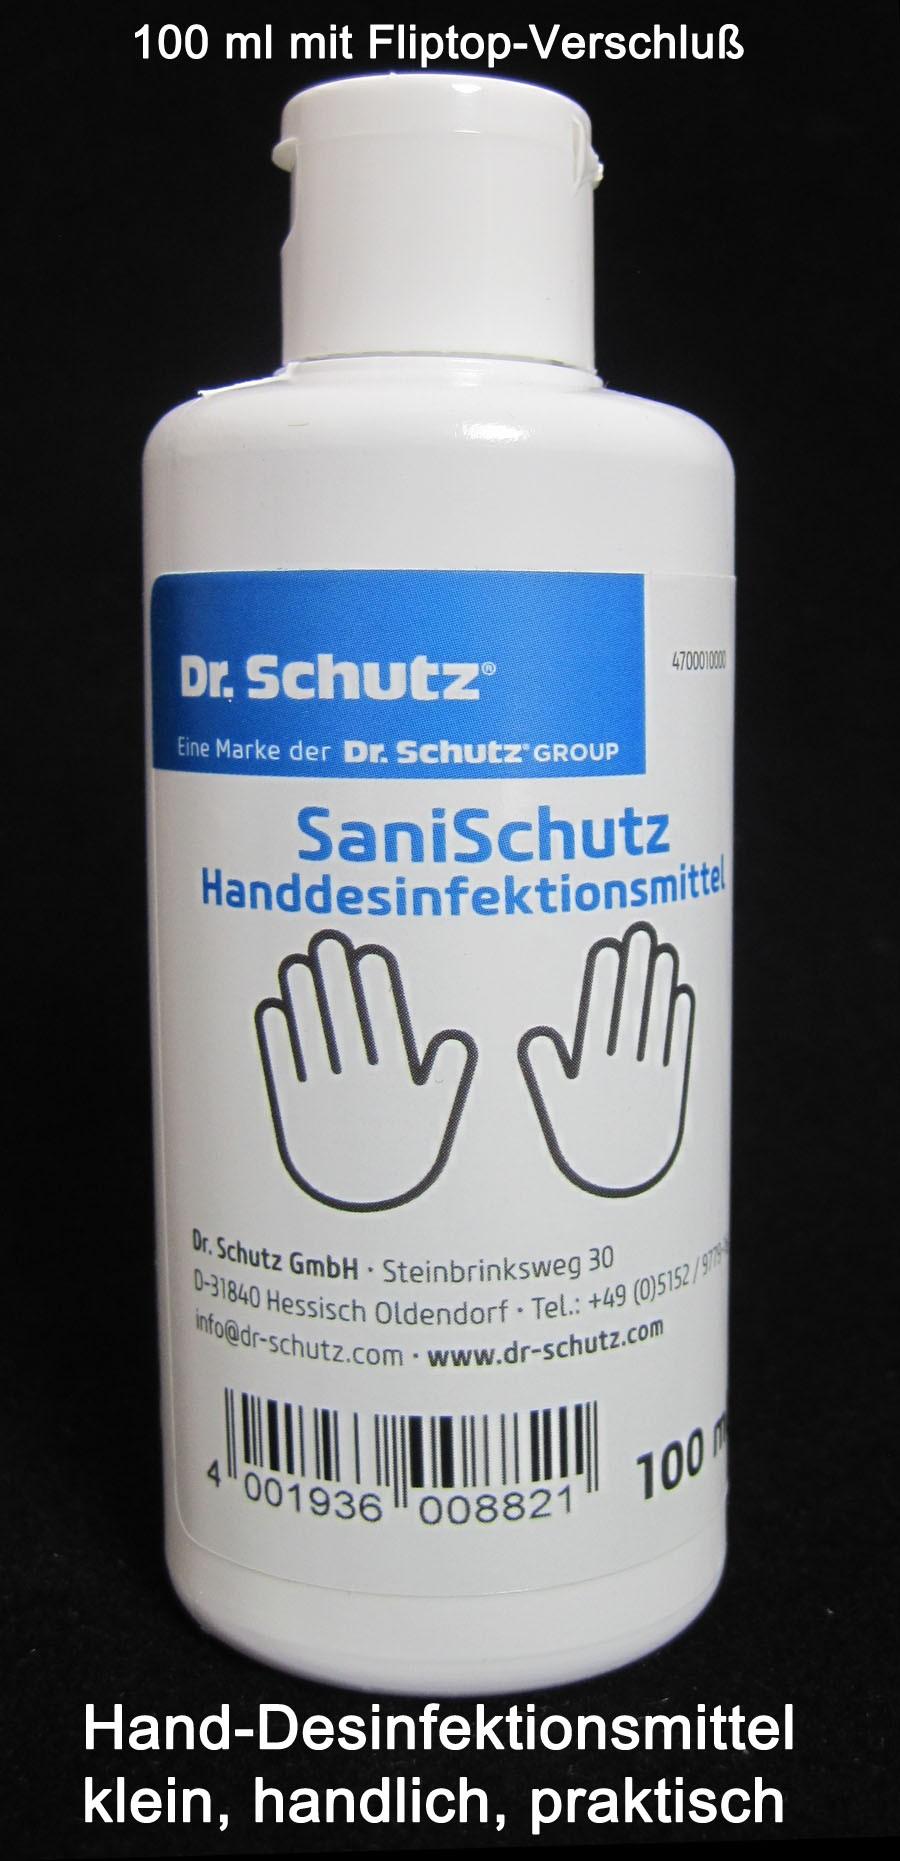 Handdesinfektionsmittel SaniSchutz mit Fliptop-Verschluß 100 ml